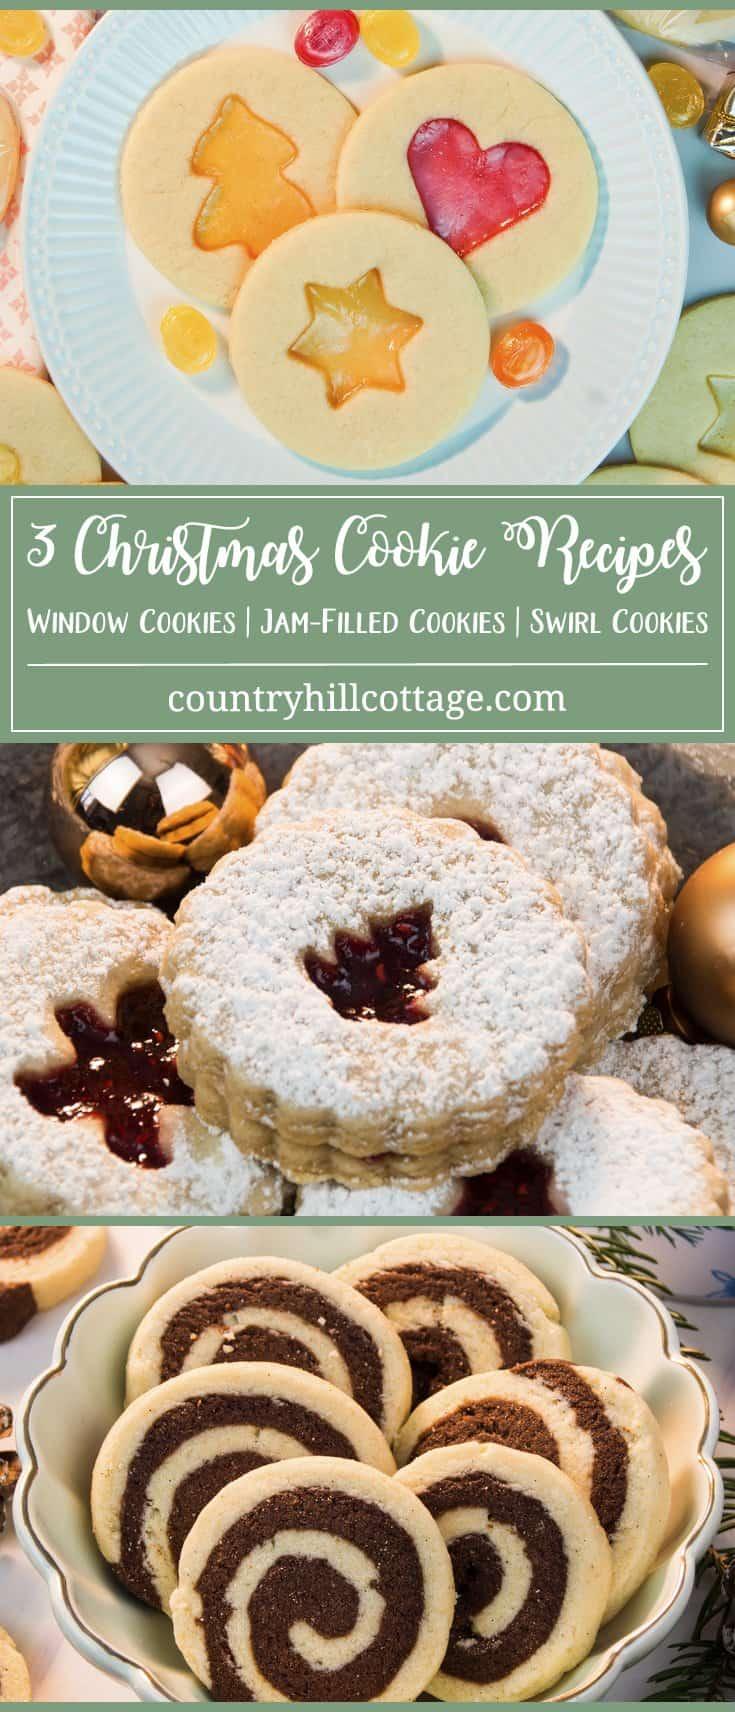 3 Christmas Cookies Window Cookies Jam Filled Cookies Swirl Cookies